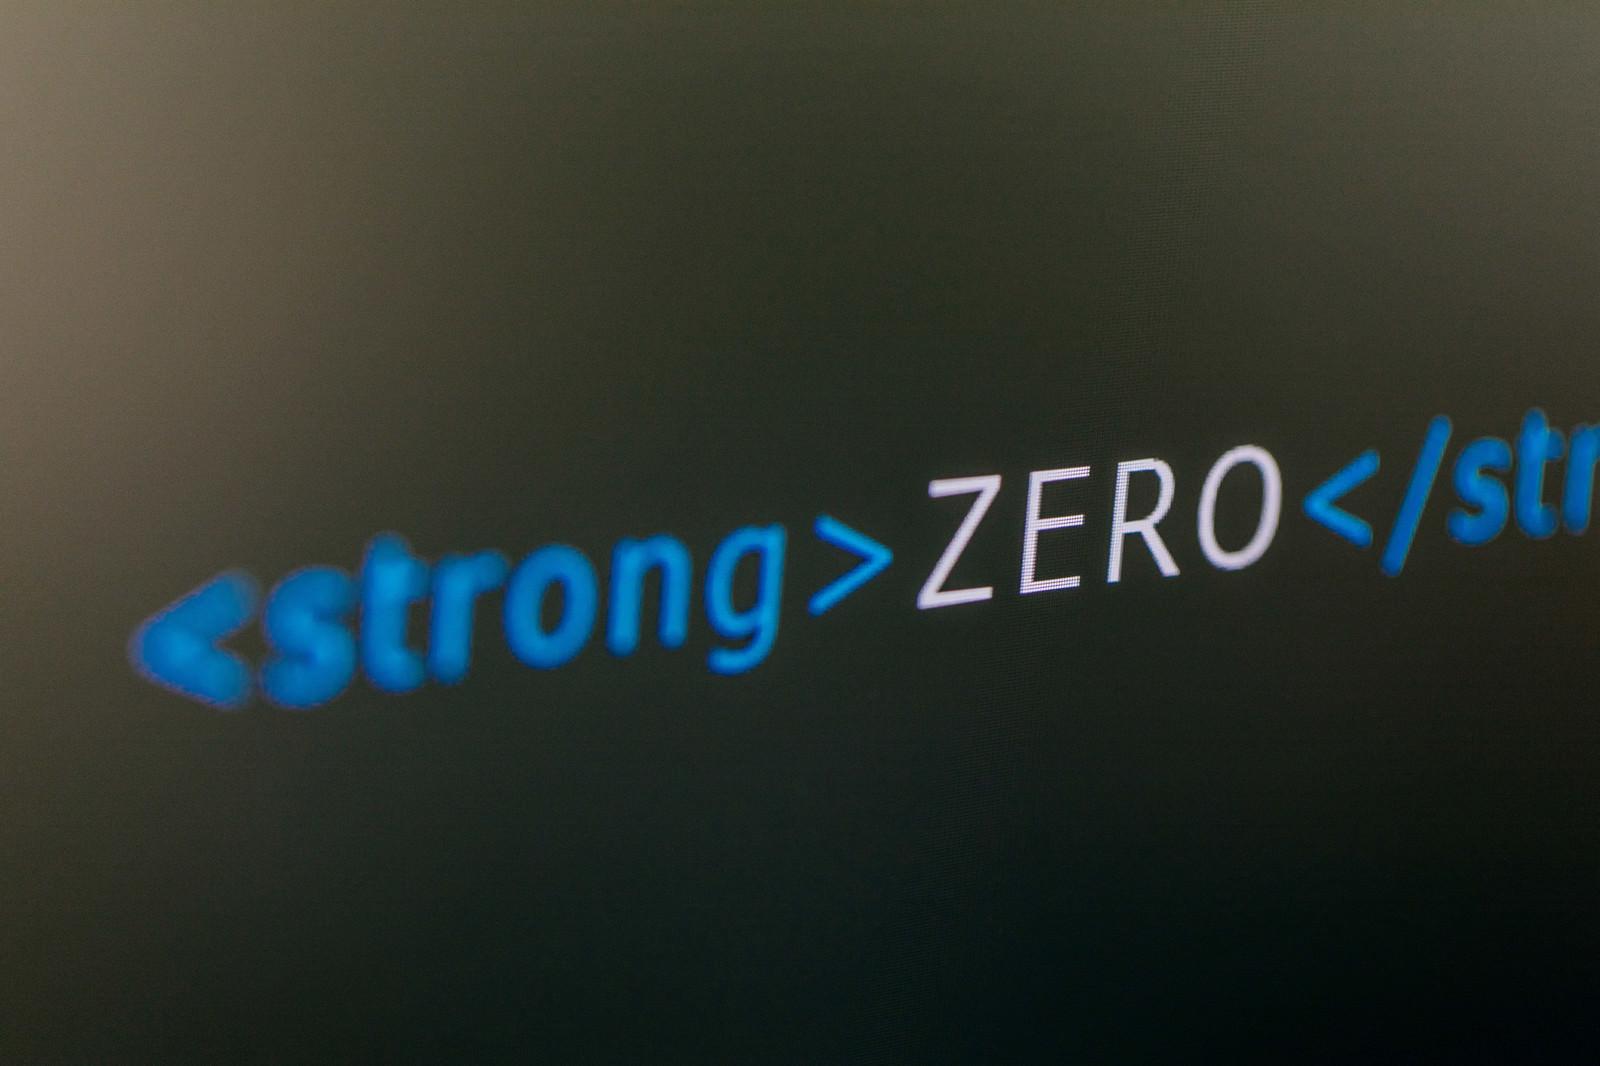 「ストロングで強調するゼロ」の写真